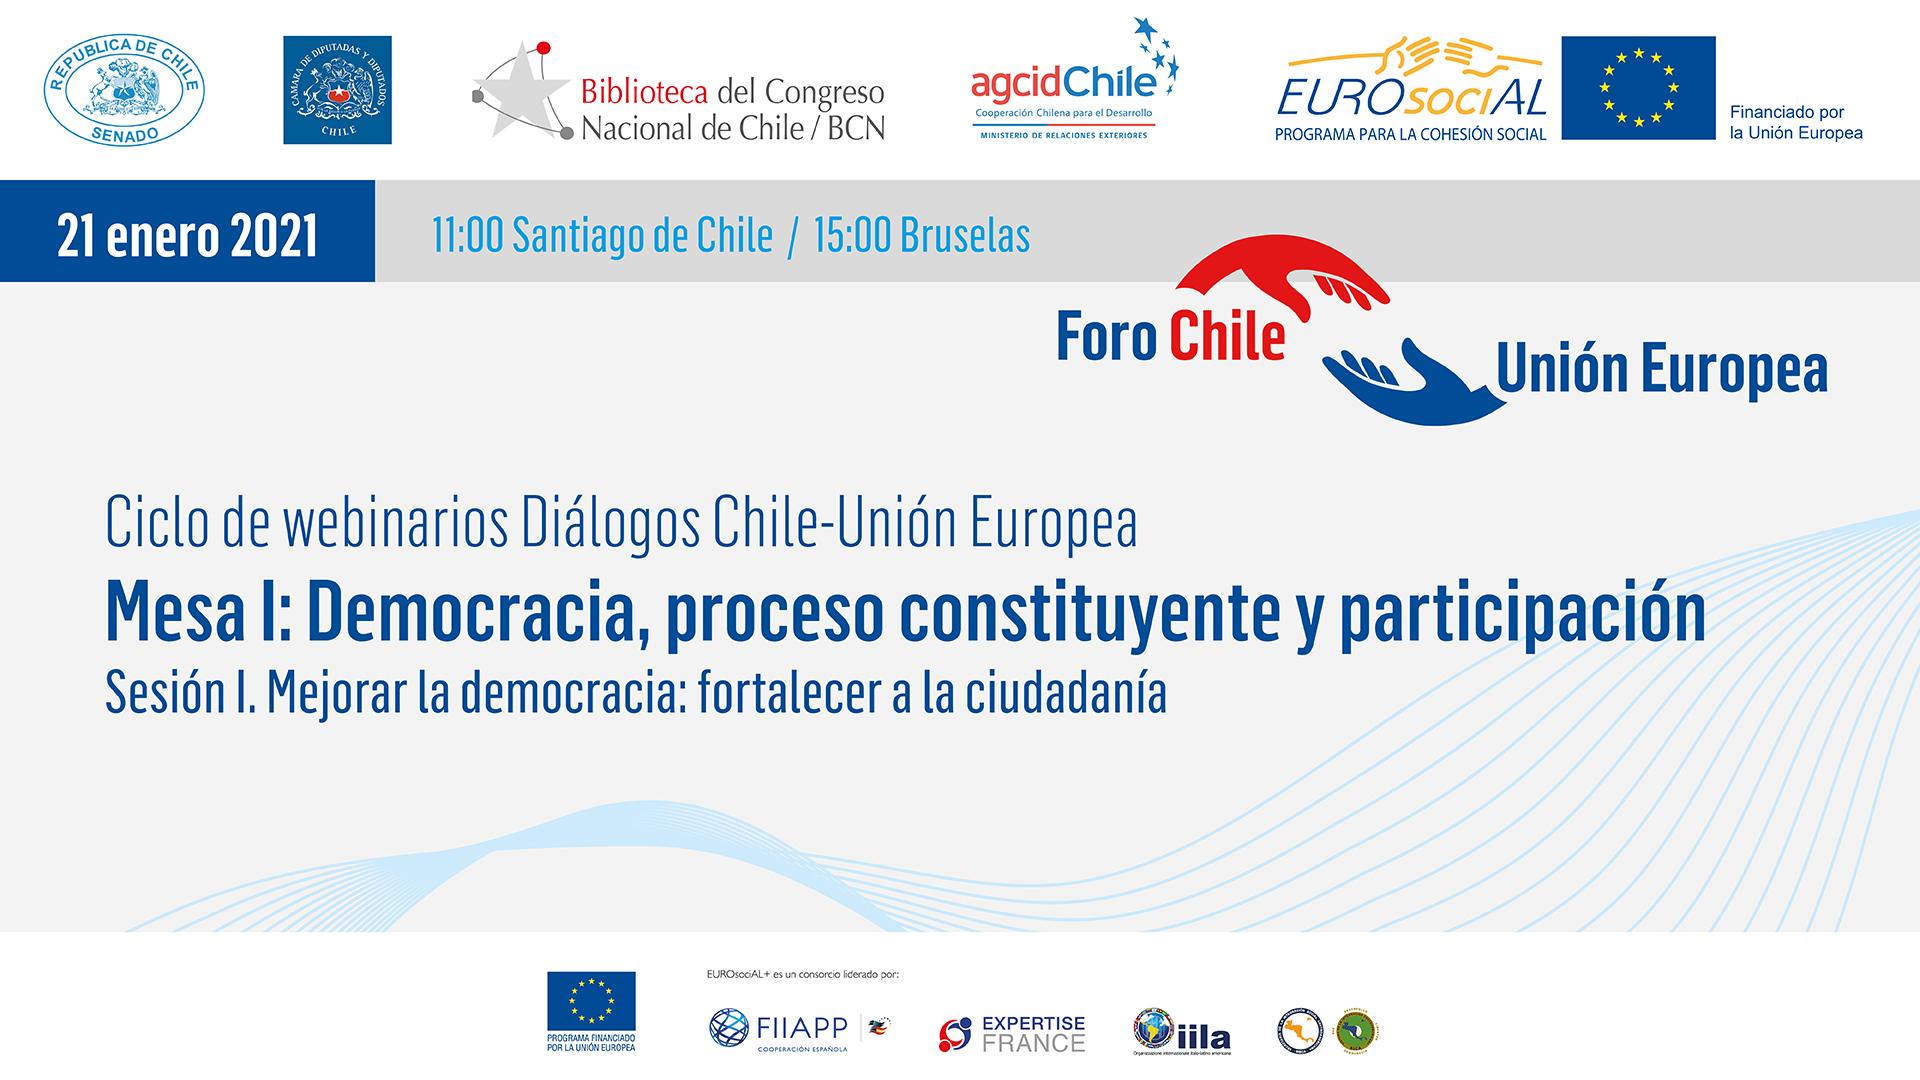 """Mesa I Democracia, proceso constituyente y participación. Sesión """"Mejorar la democracia: fortalecer la ciudadanía"""""""